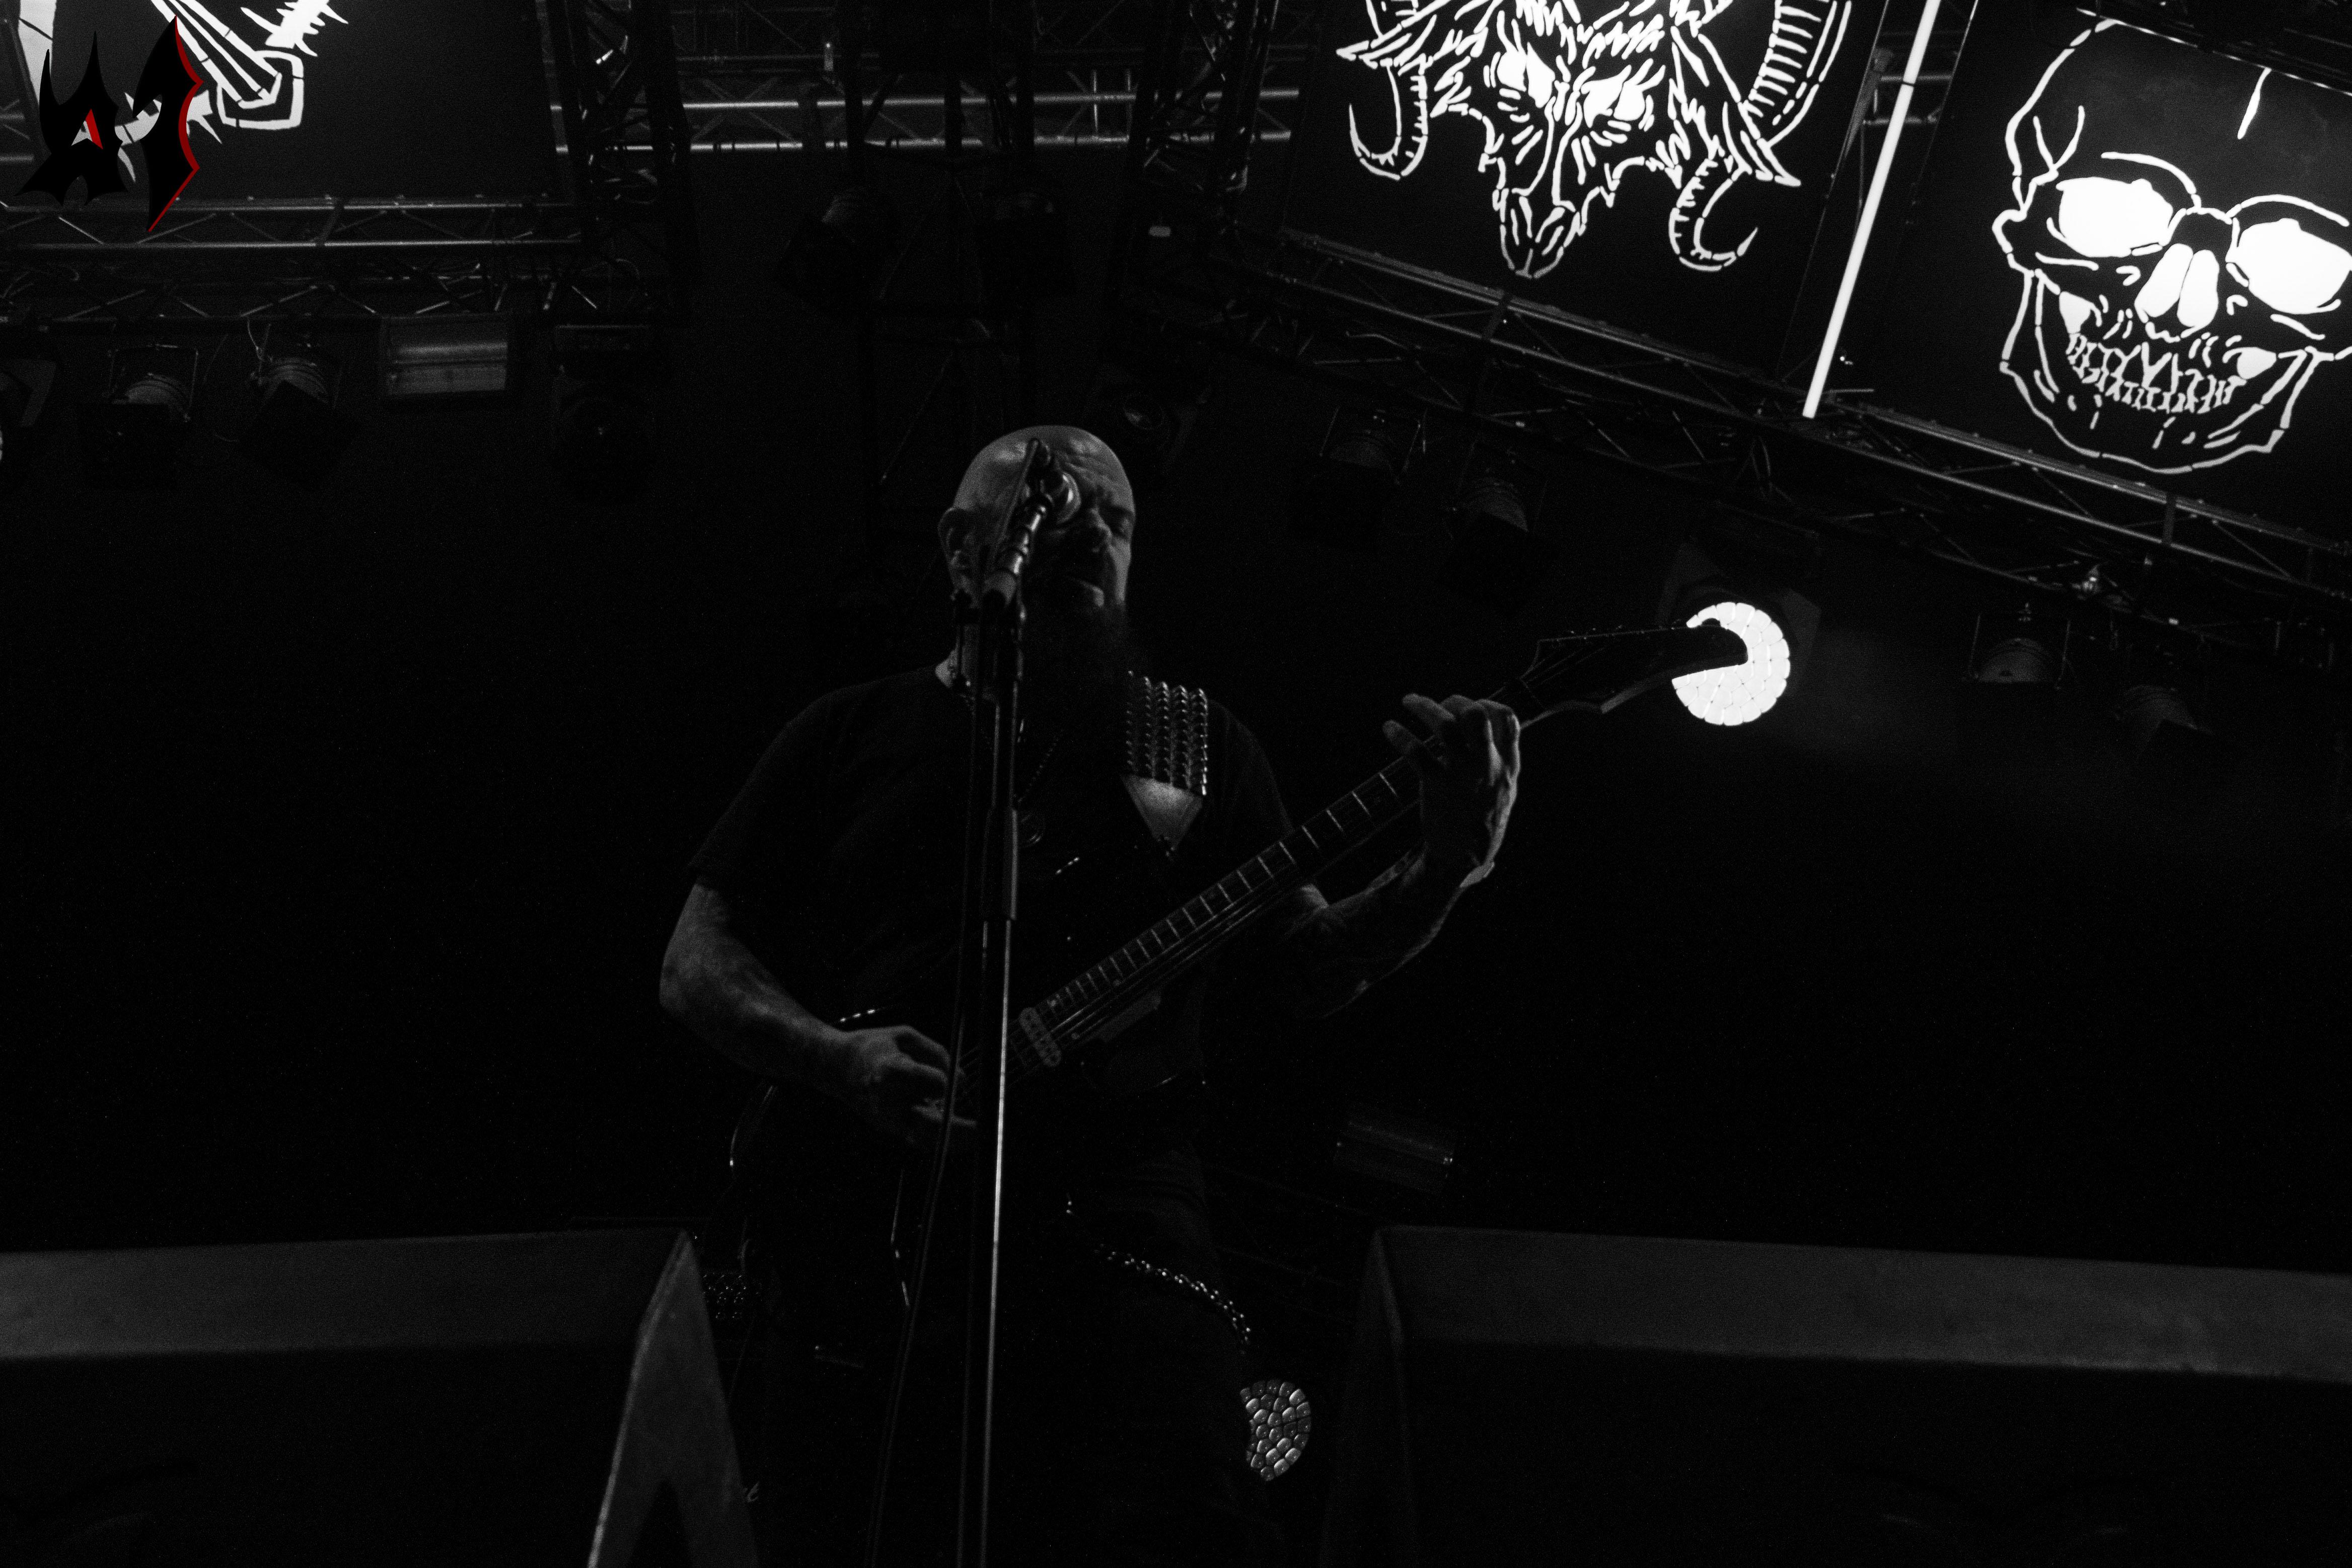 Hellfest - Deicide - 17